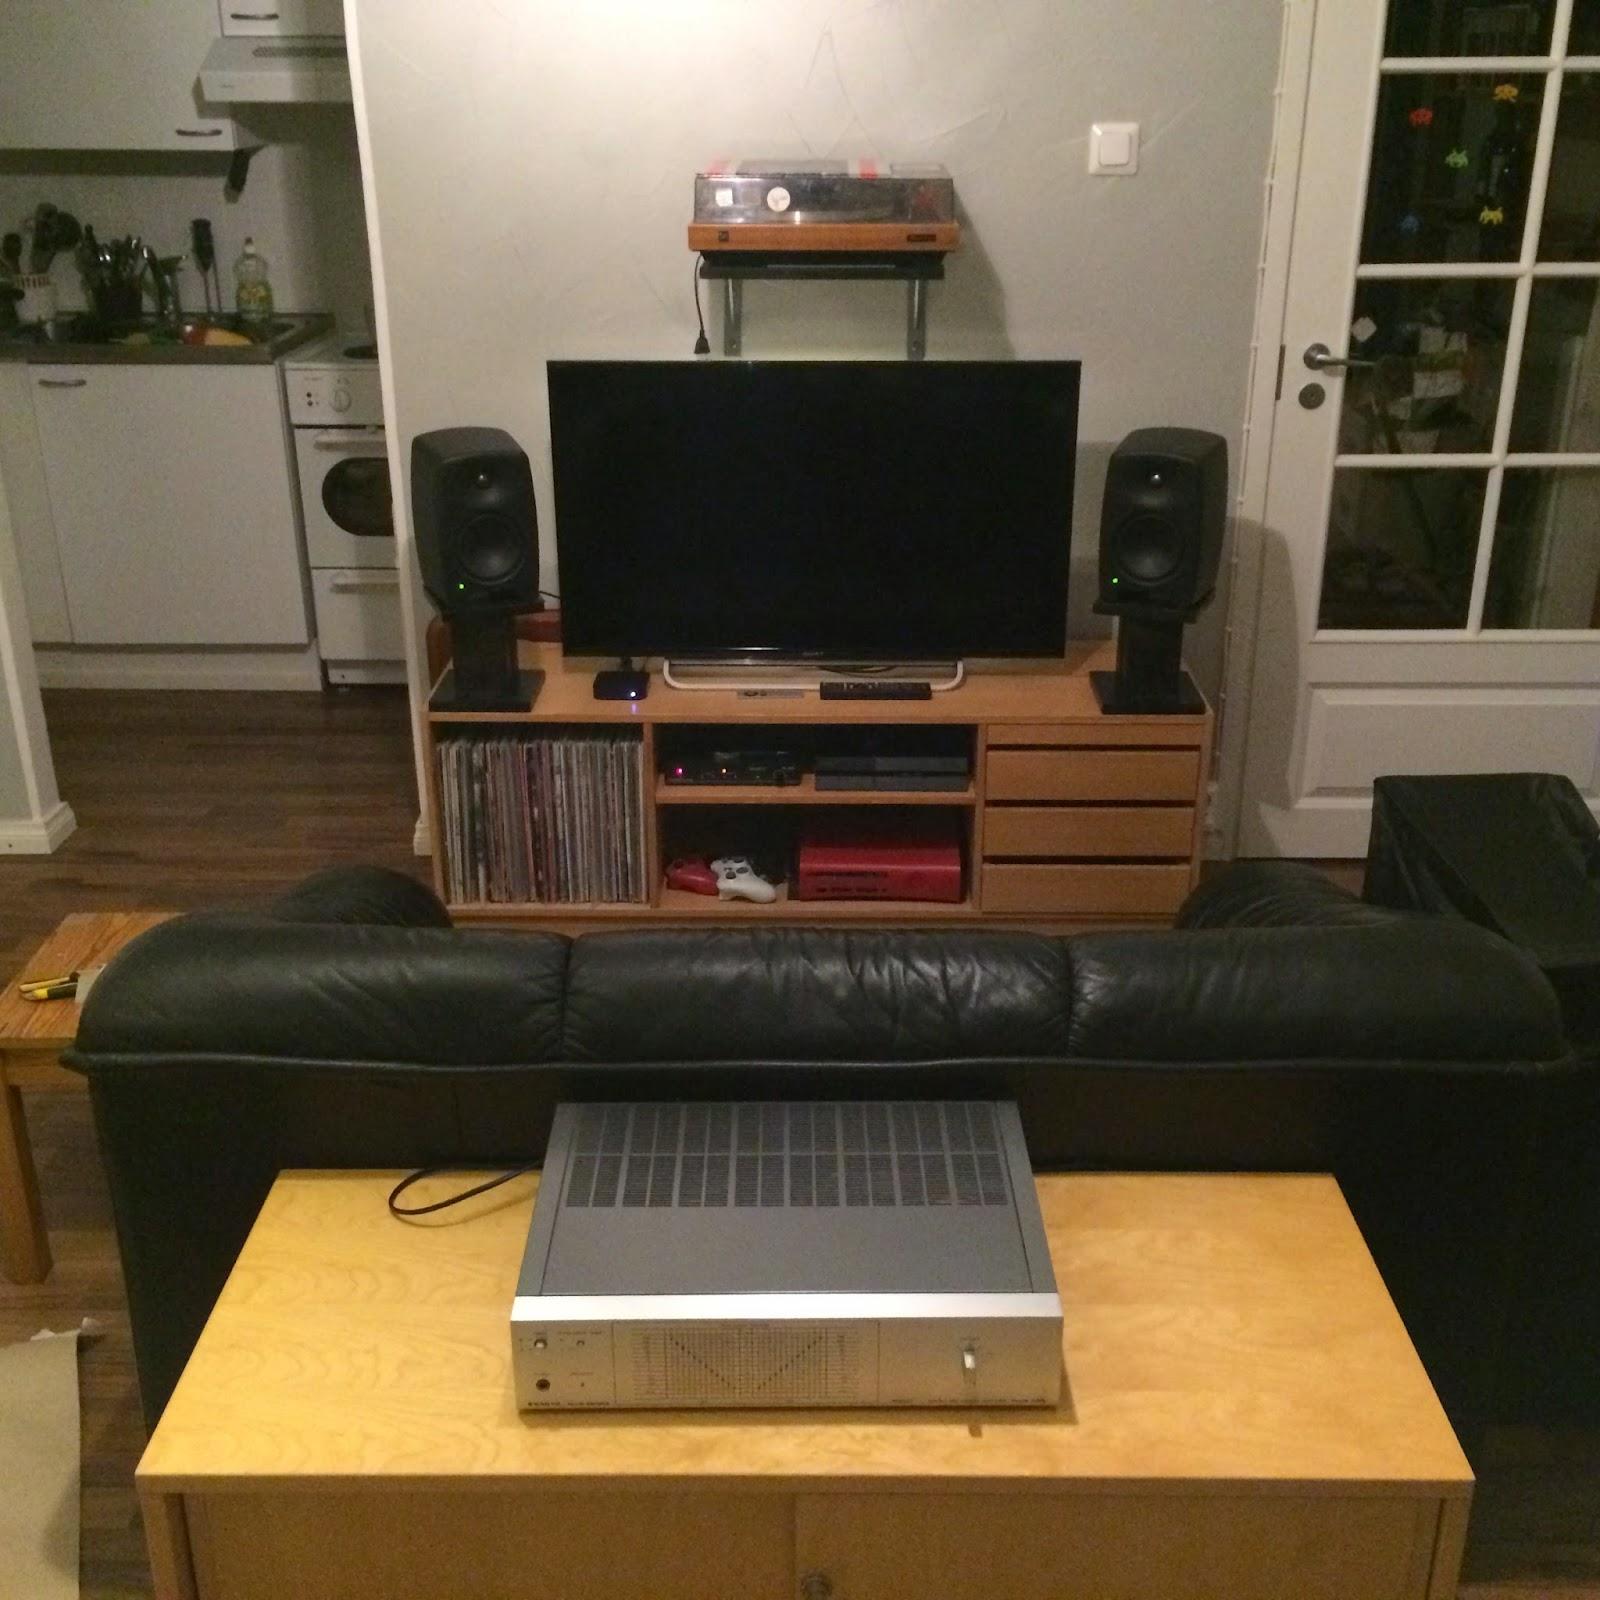 Genelecit jalustoilla, televisio ja levysoitinteline